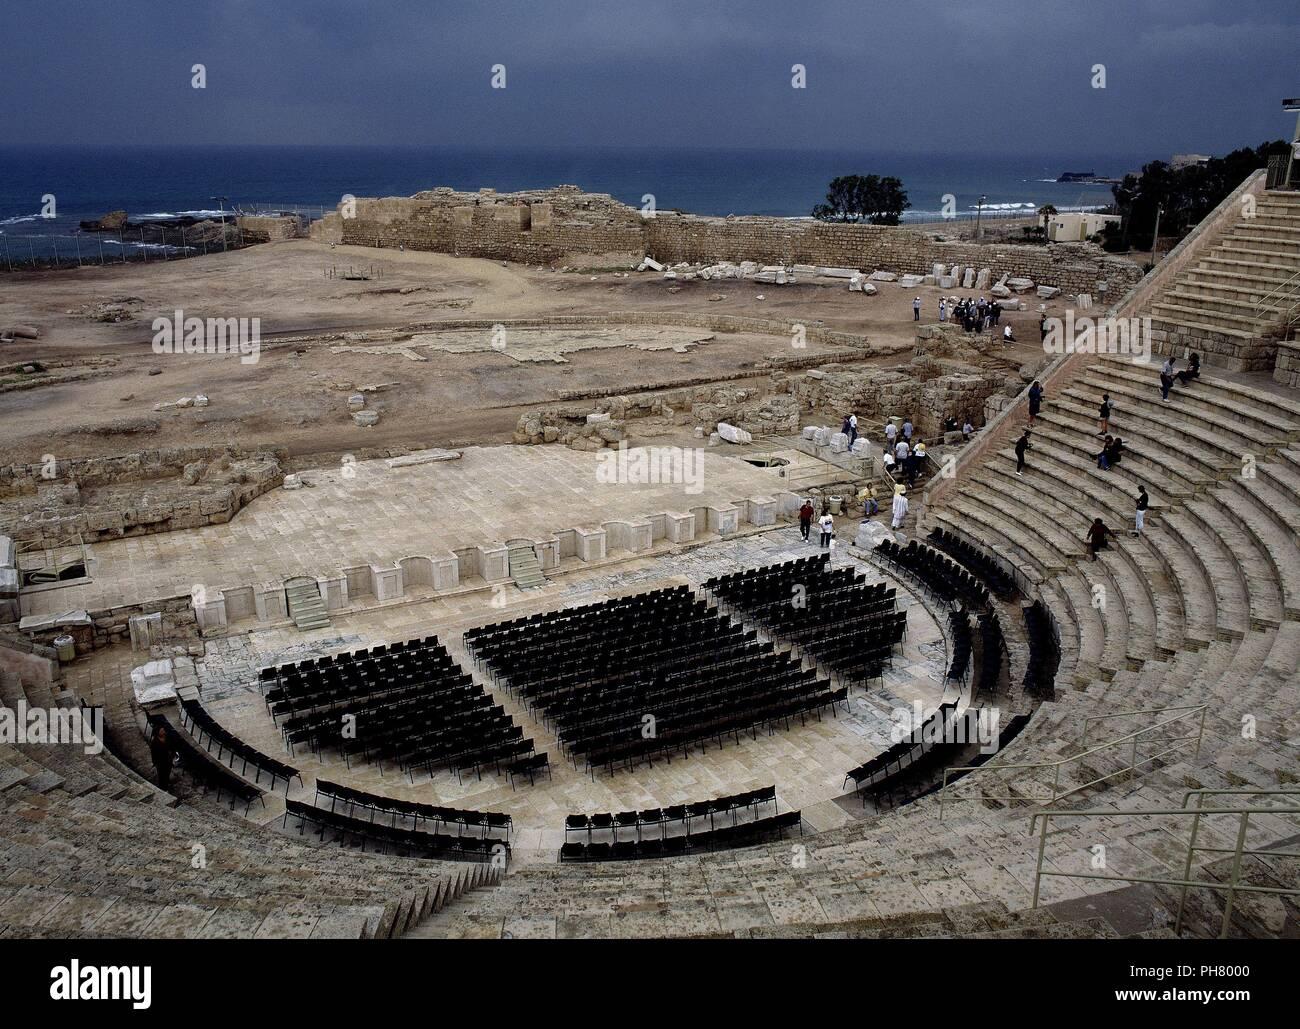 VISTA ALLGEMEINE DESDE ARRIBA HACIA EL FOSO (Orchester) RESTAURADO. Ort: Teatro Romano, CESAREA, Israel. Stockbild